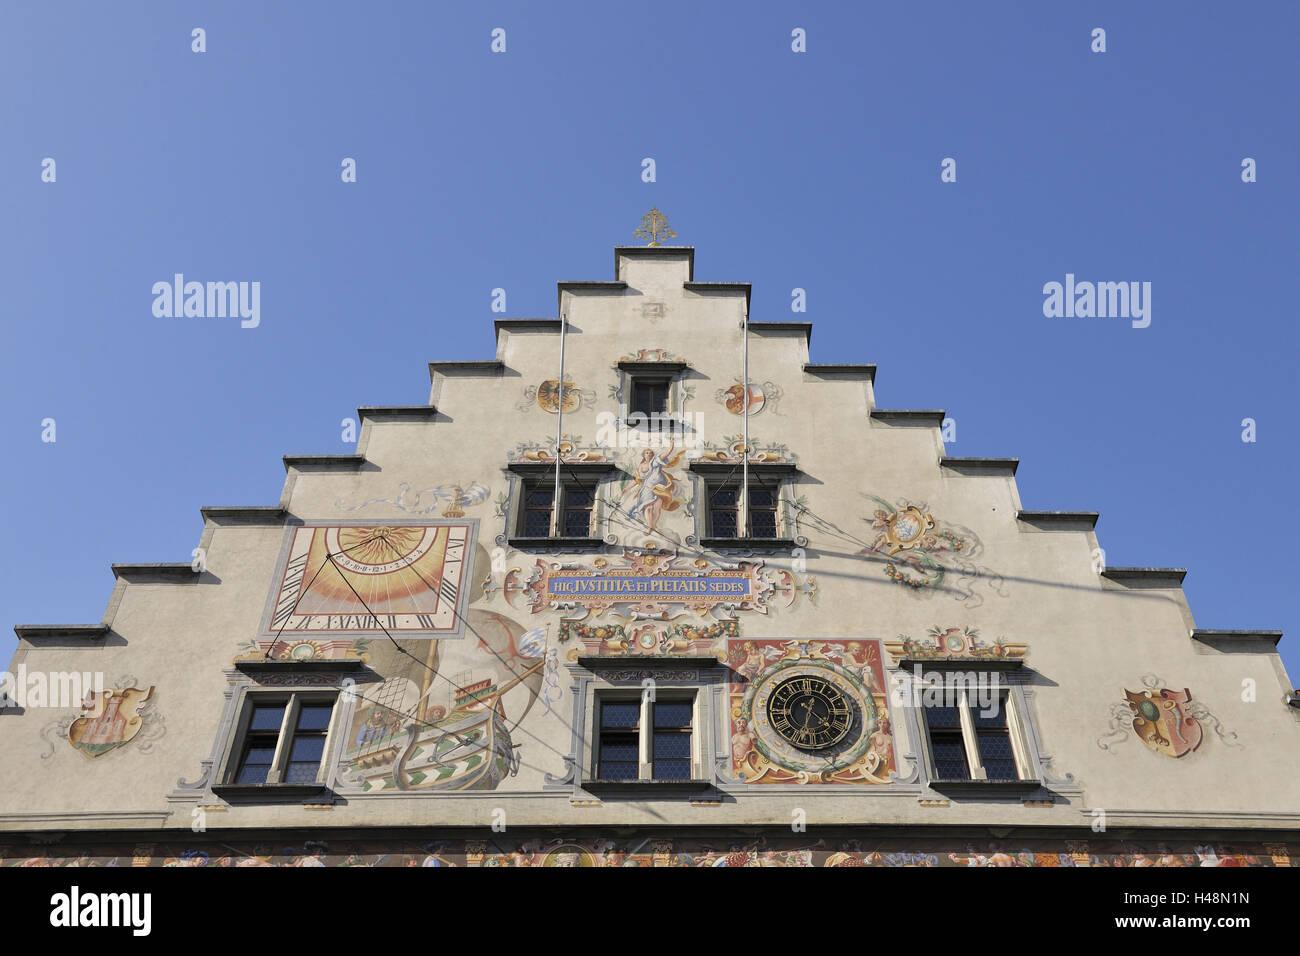 House, gable, historically, city hall, Lindau, Bavaria, Germany, - Stock Image